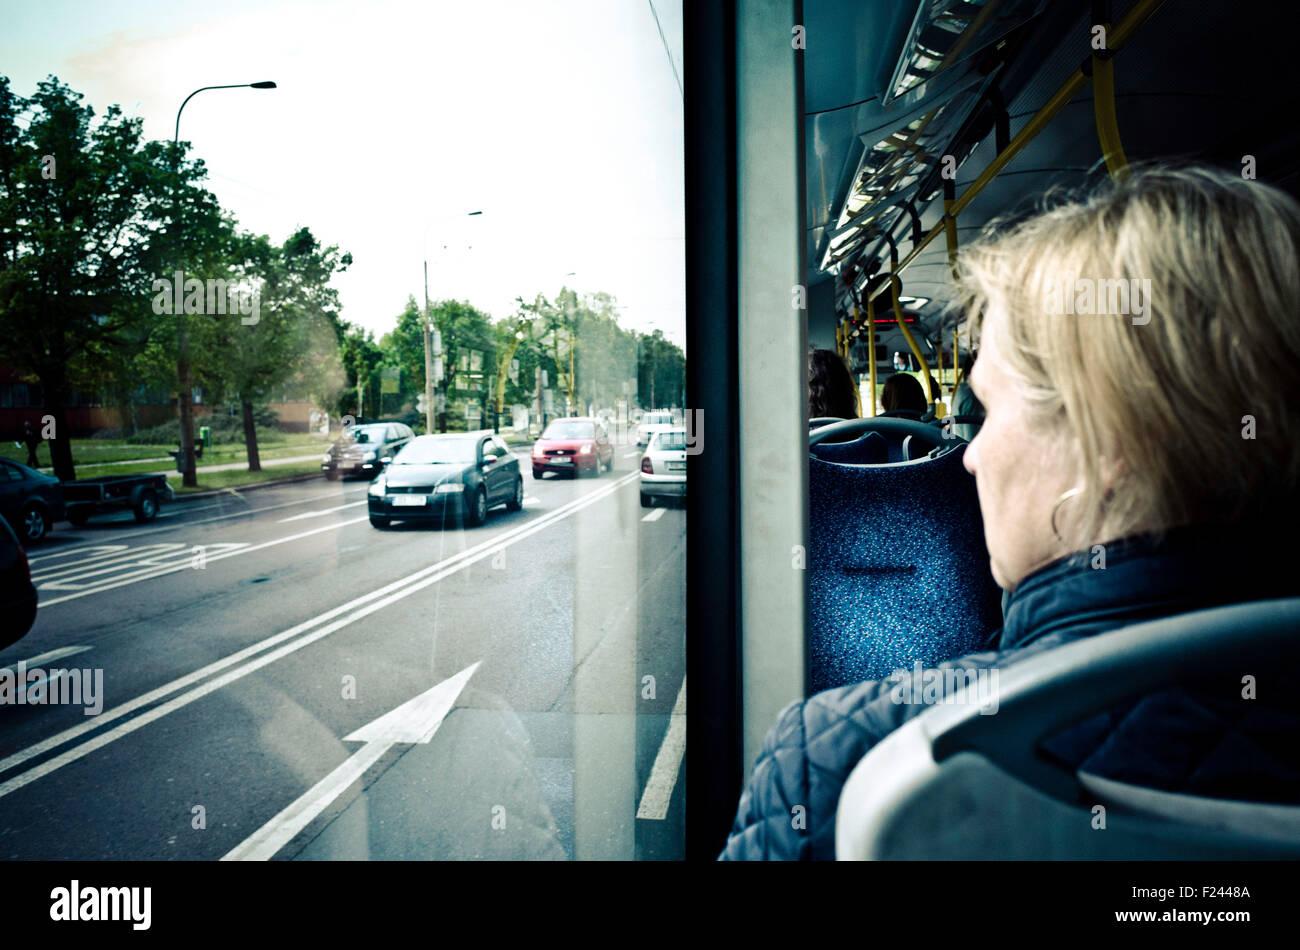 Donna in autobus di città guardando fuori della finestra in corrispondenza di vetture su strada Immagini Stock